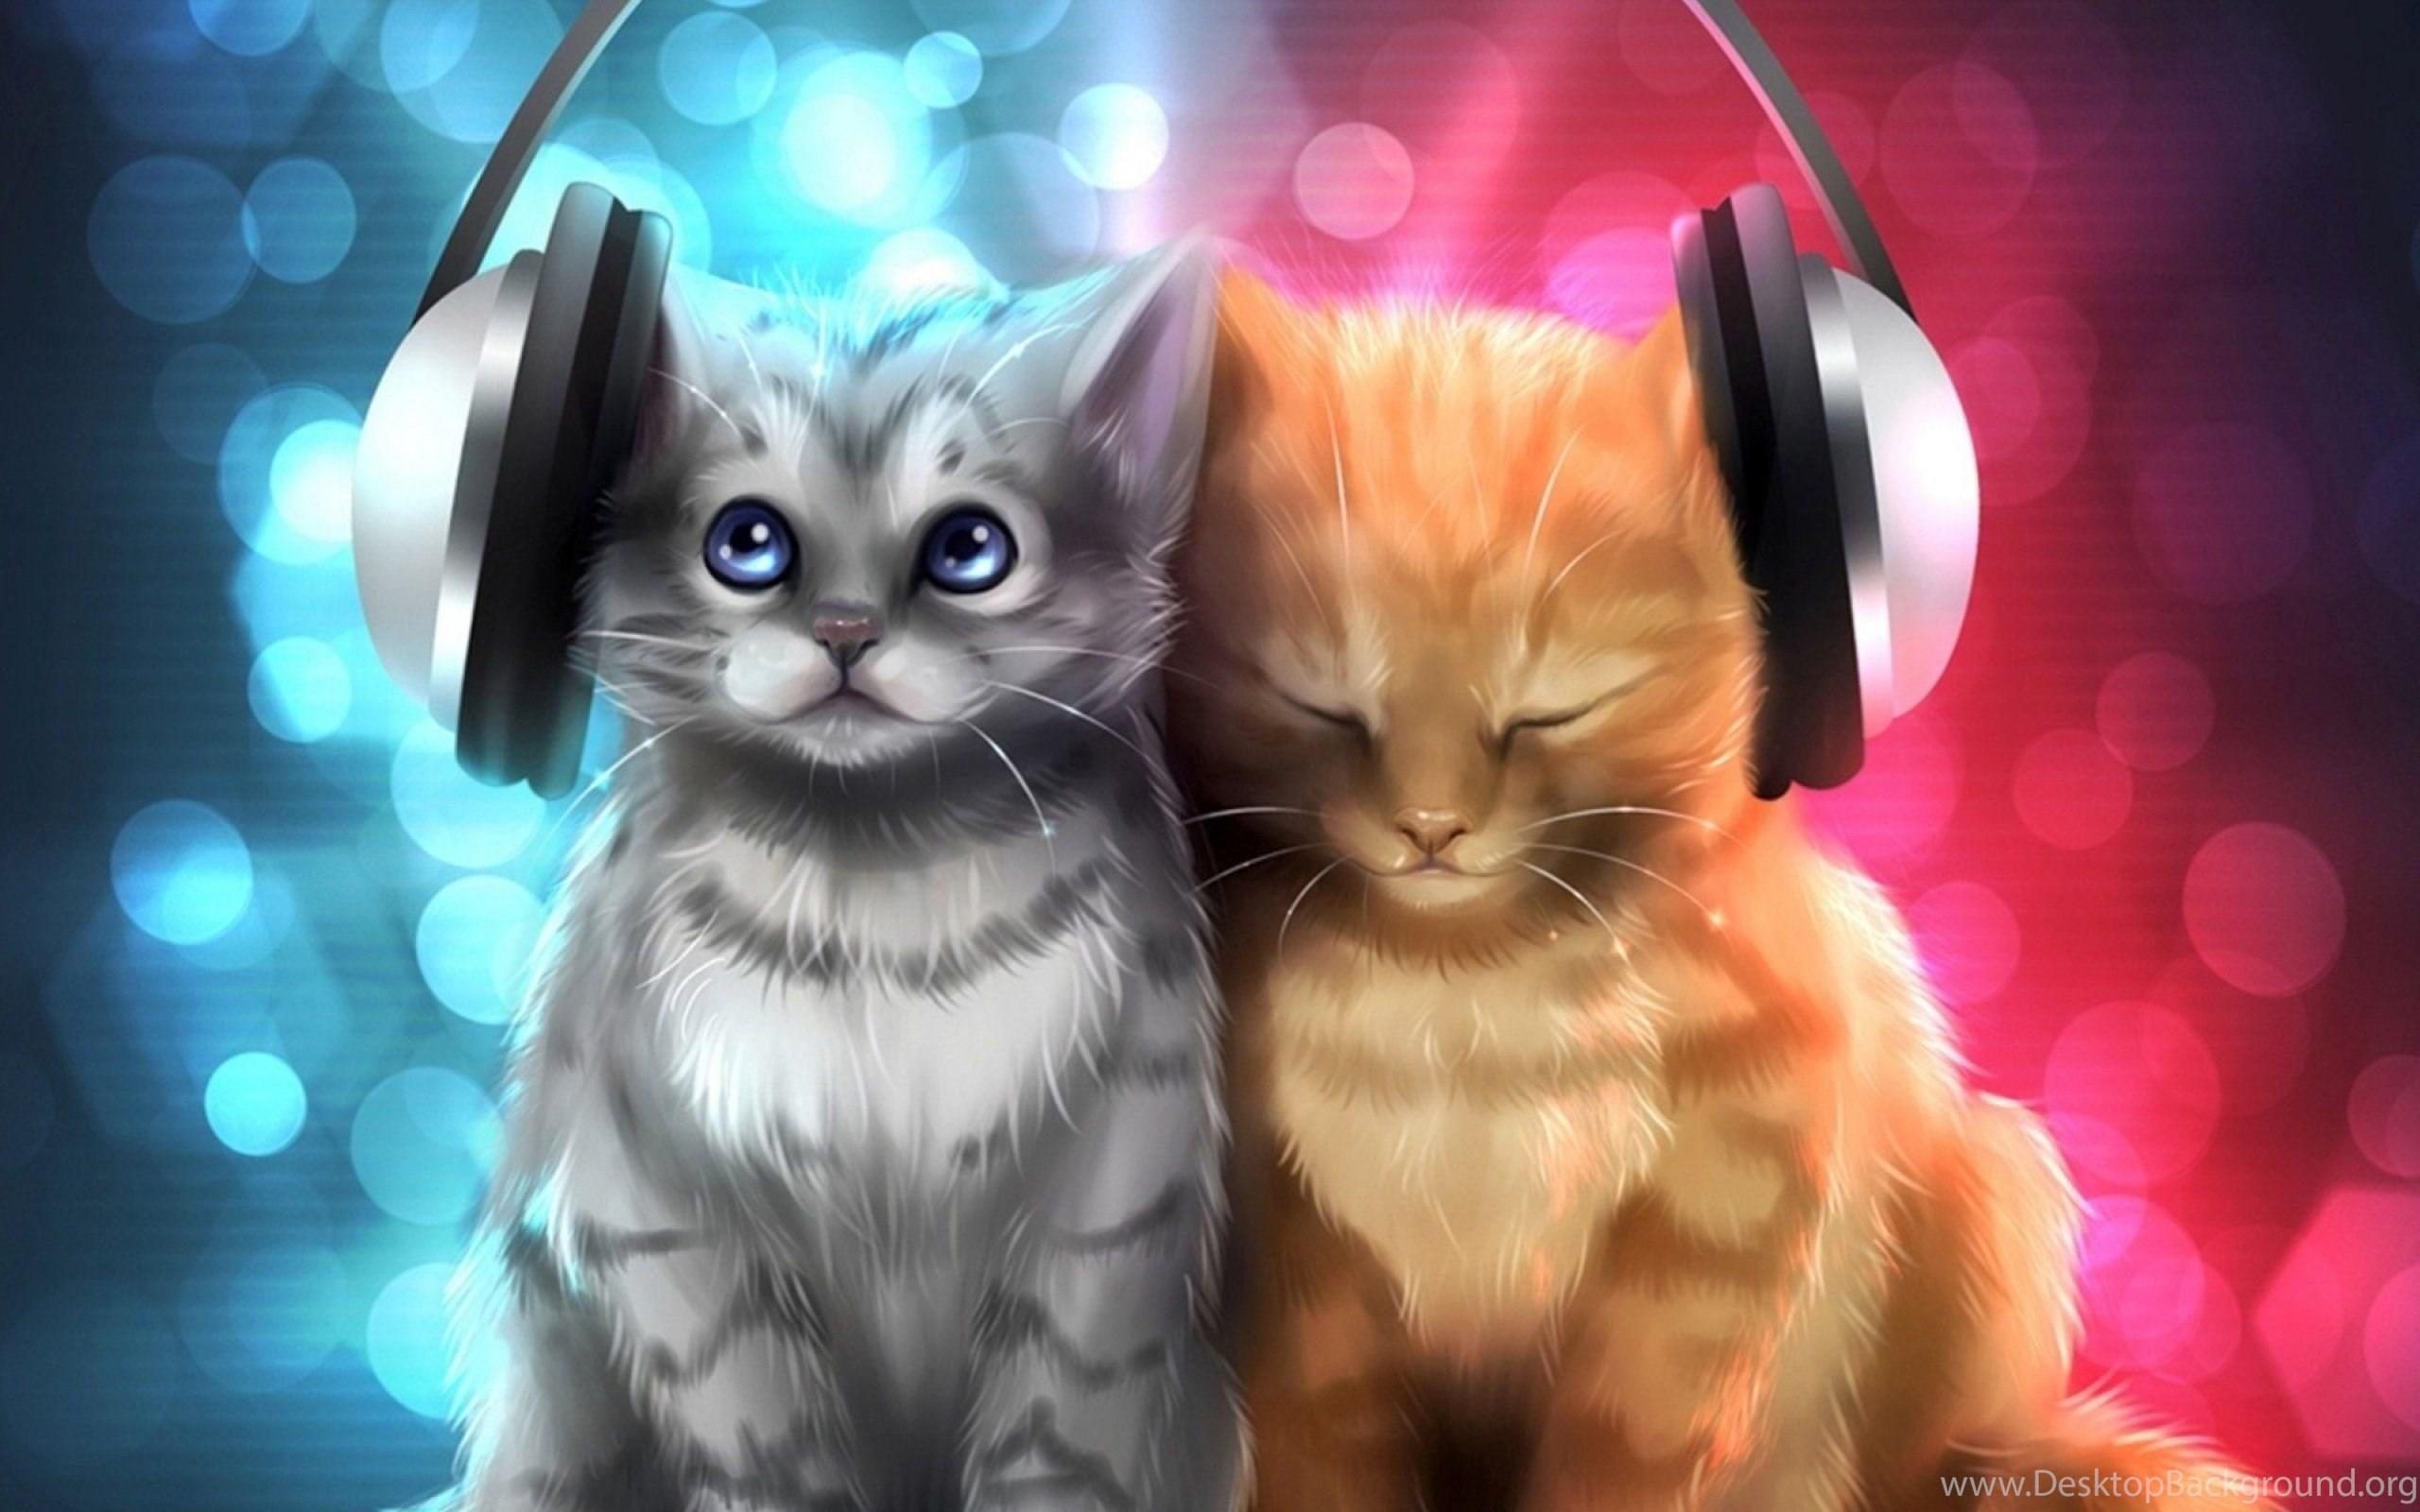 Animal Cat Cats Artwork Art Kitten Headphones Wallpapers Desktop